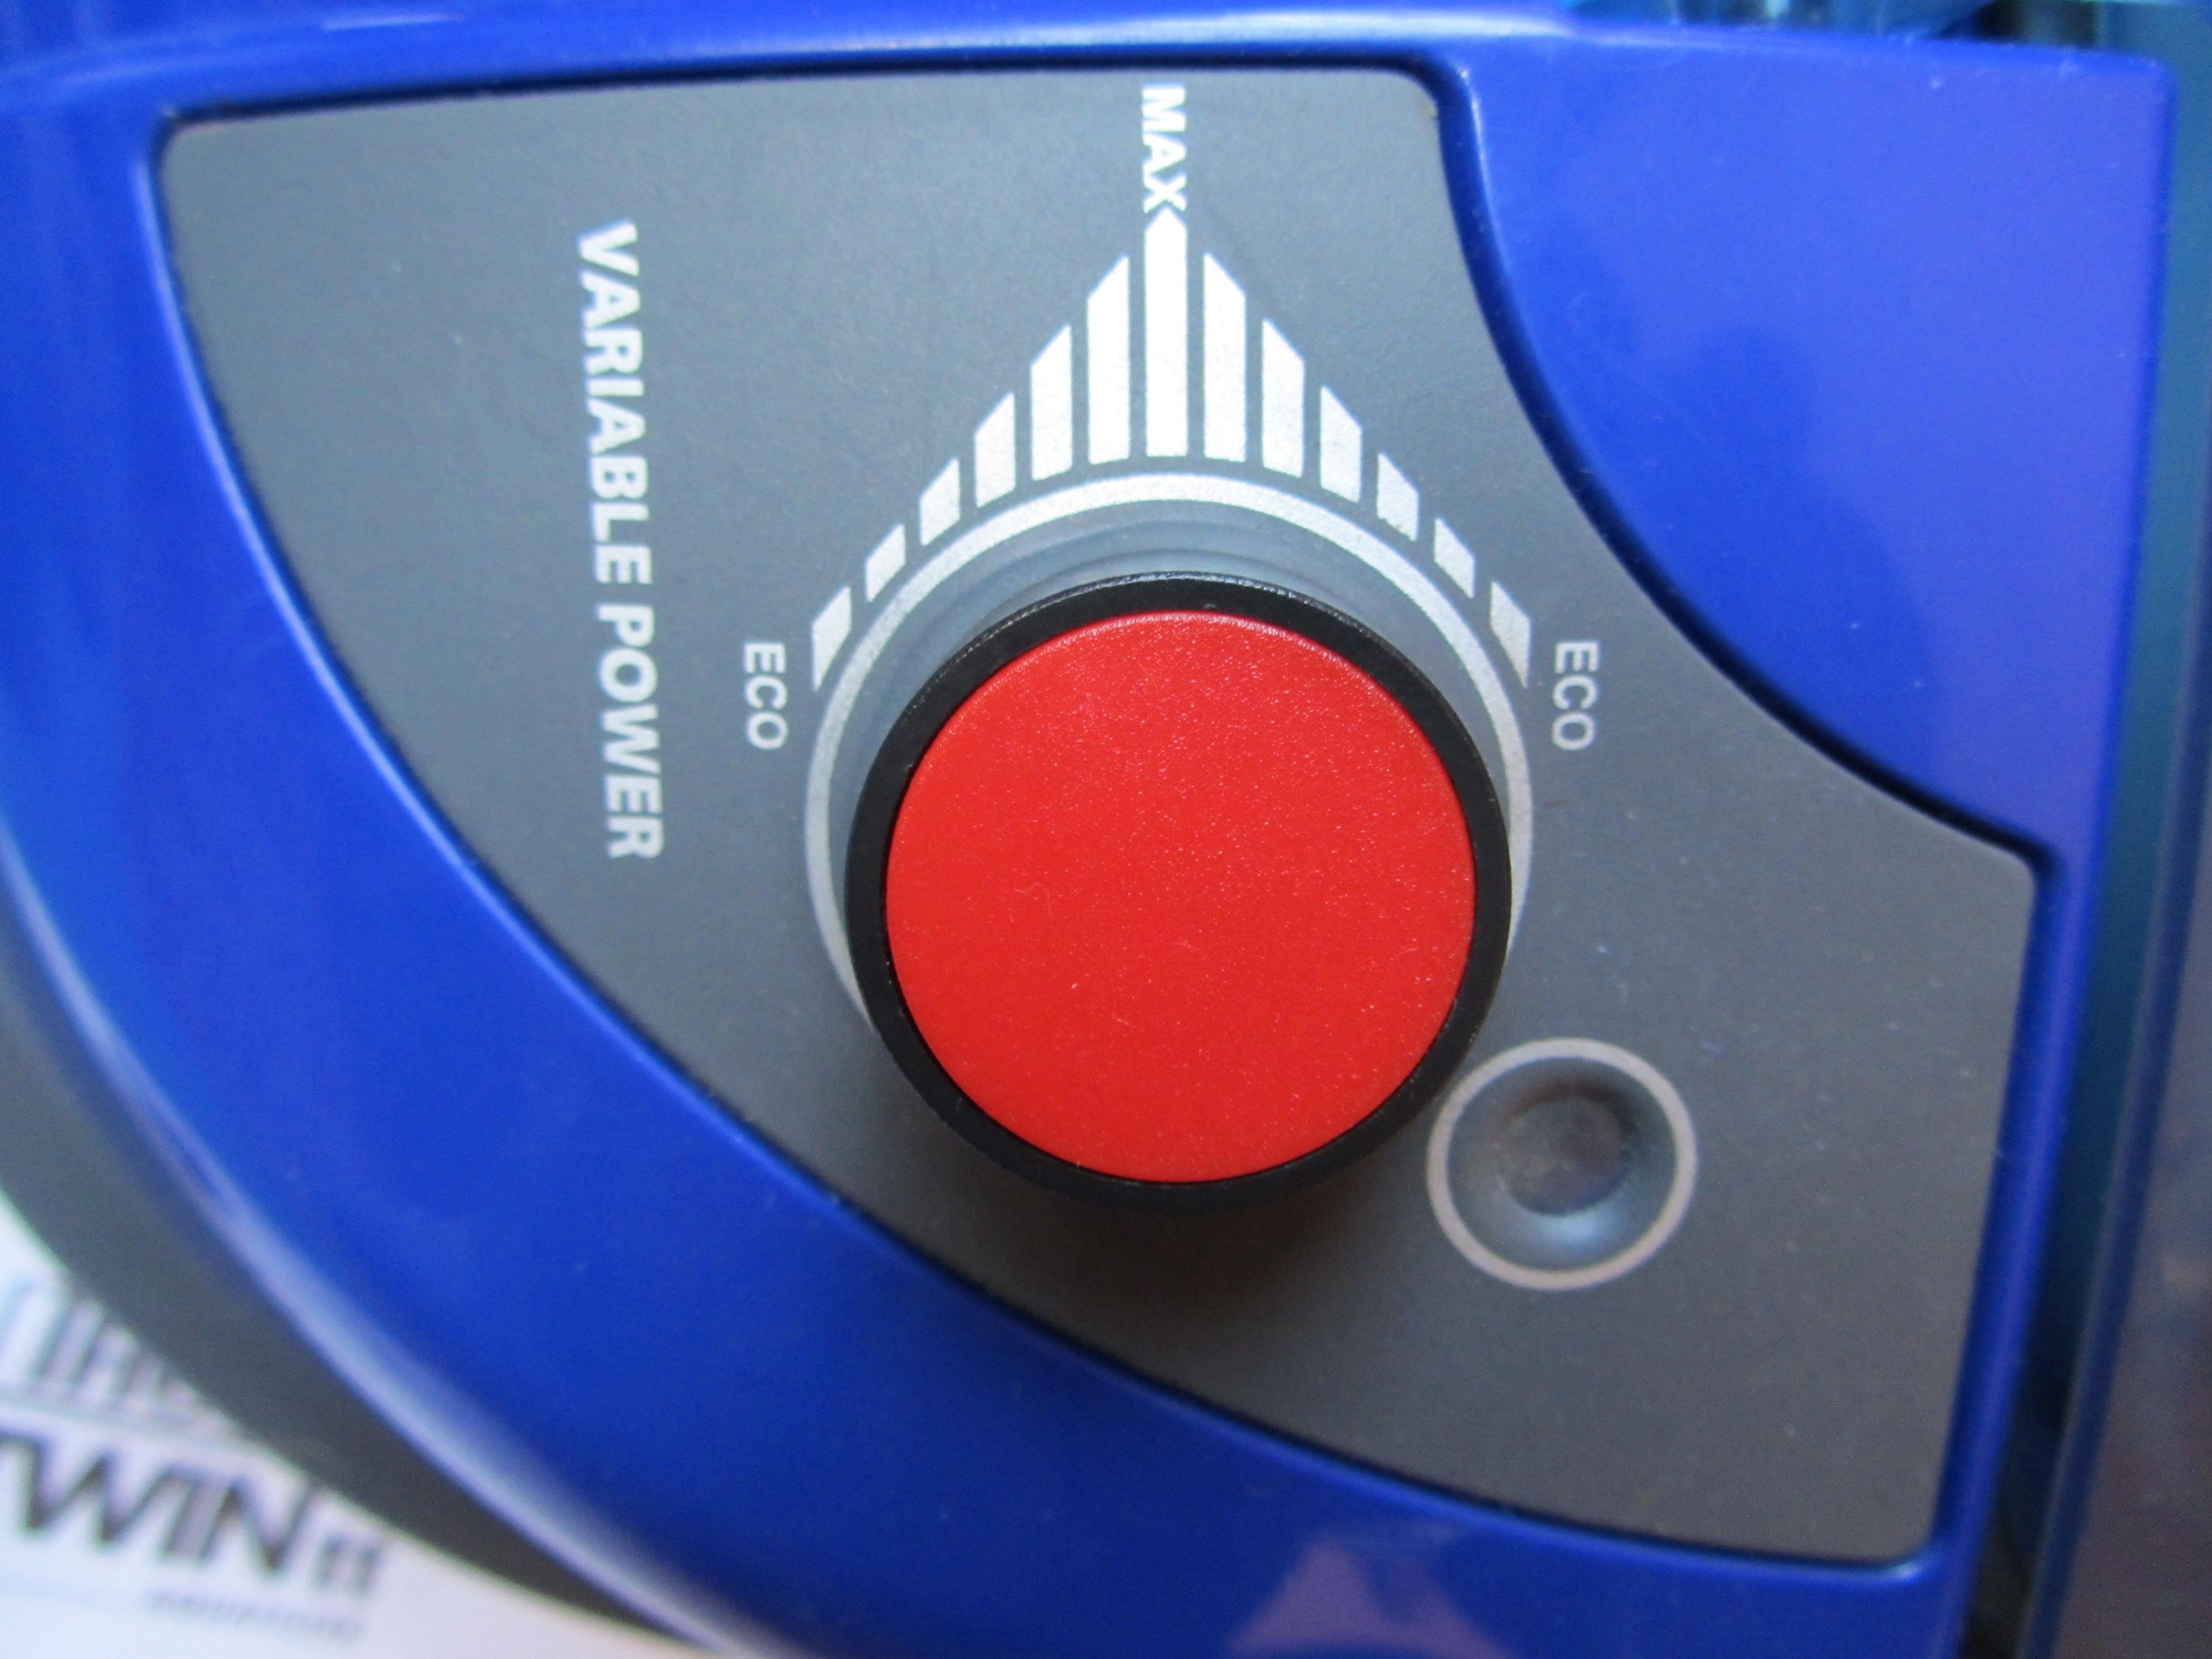 Фото Ремонт (замена) кнопки включения/выключения пылесоса Thomas TWIN tt Aquafilter 4